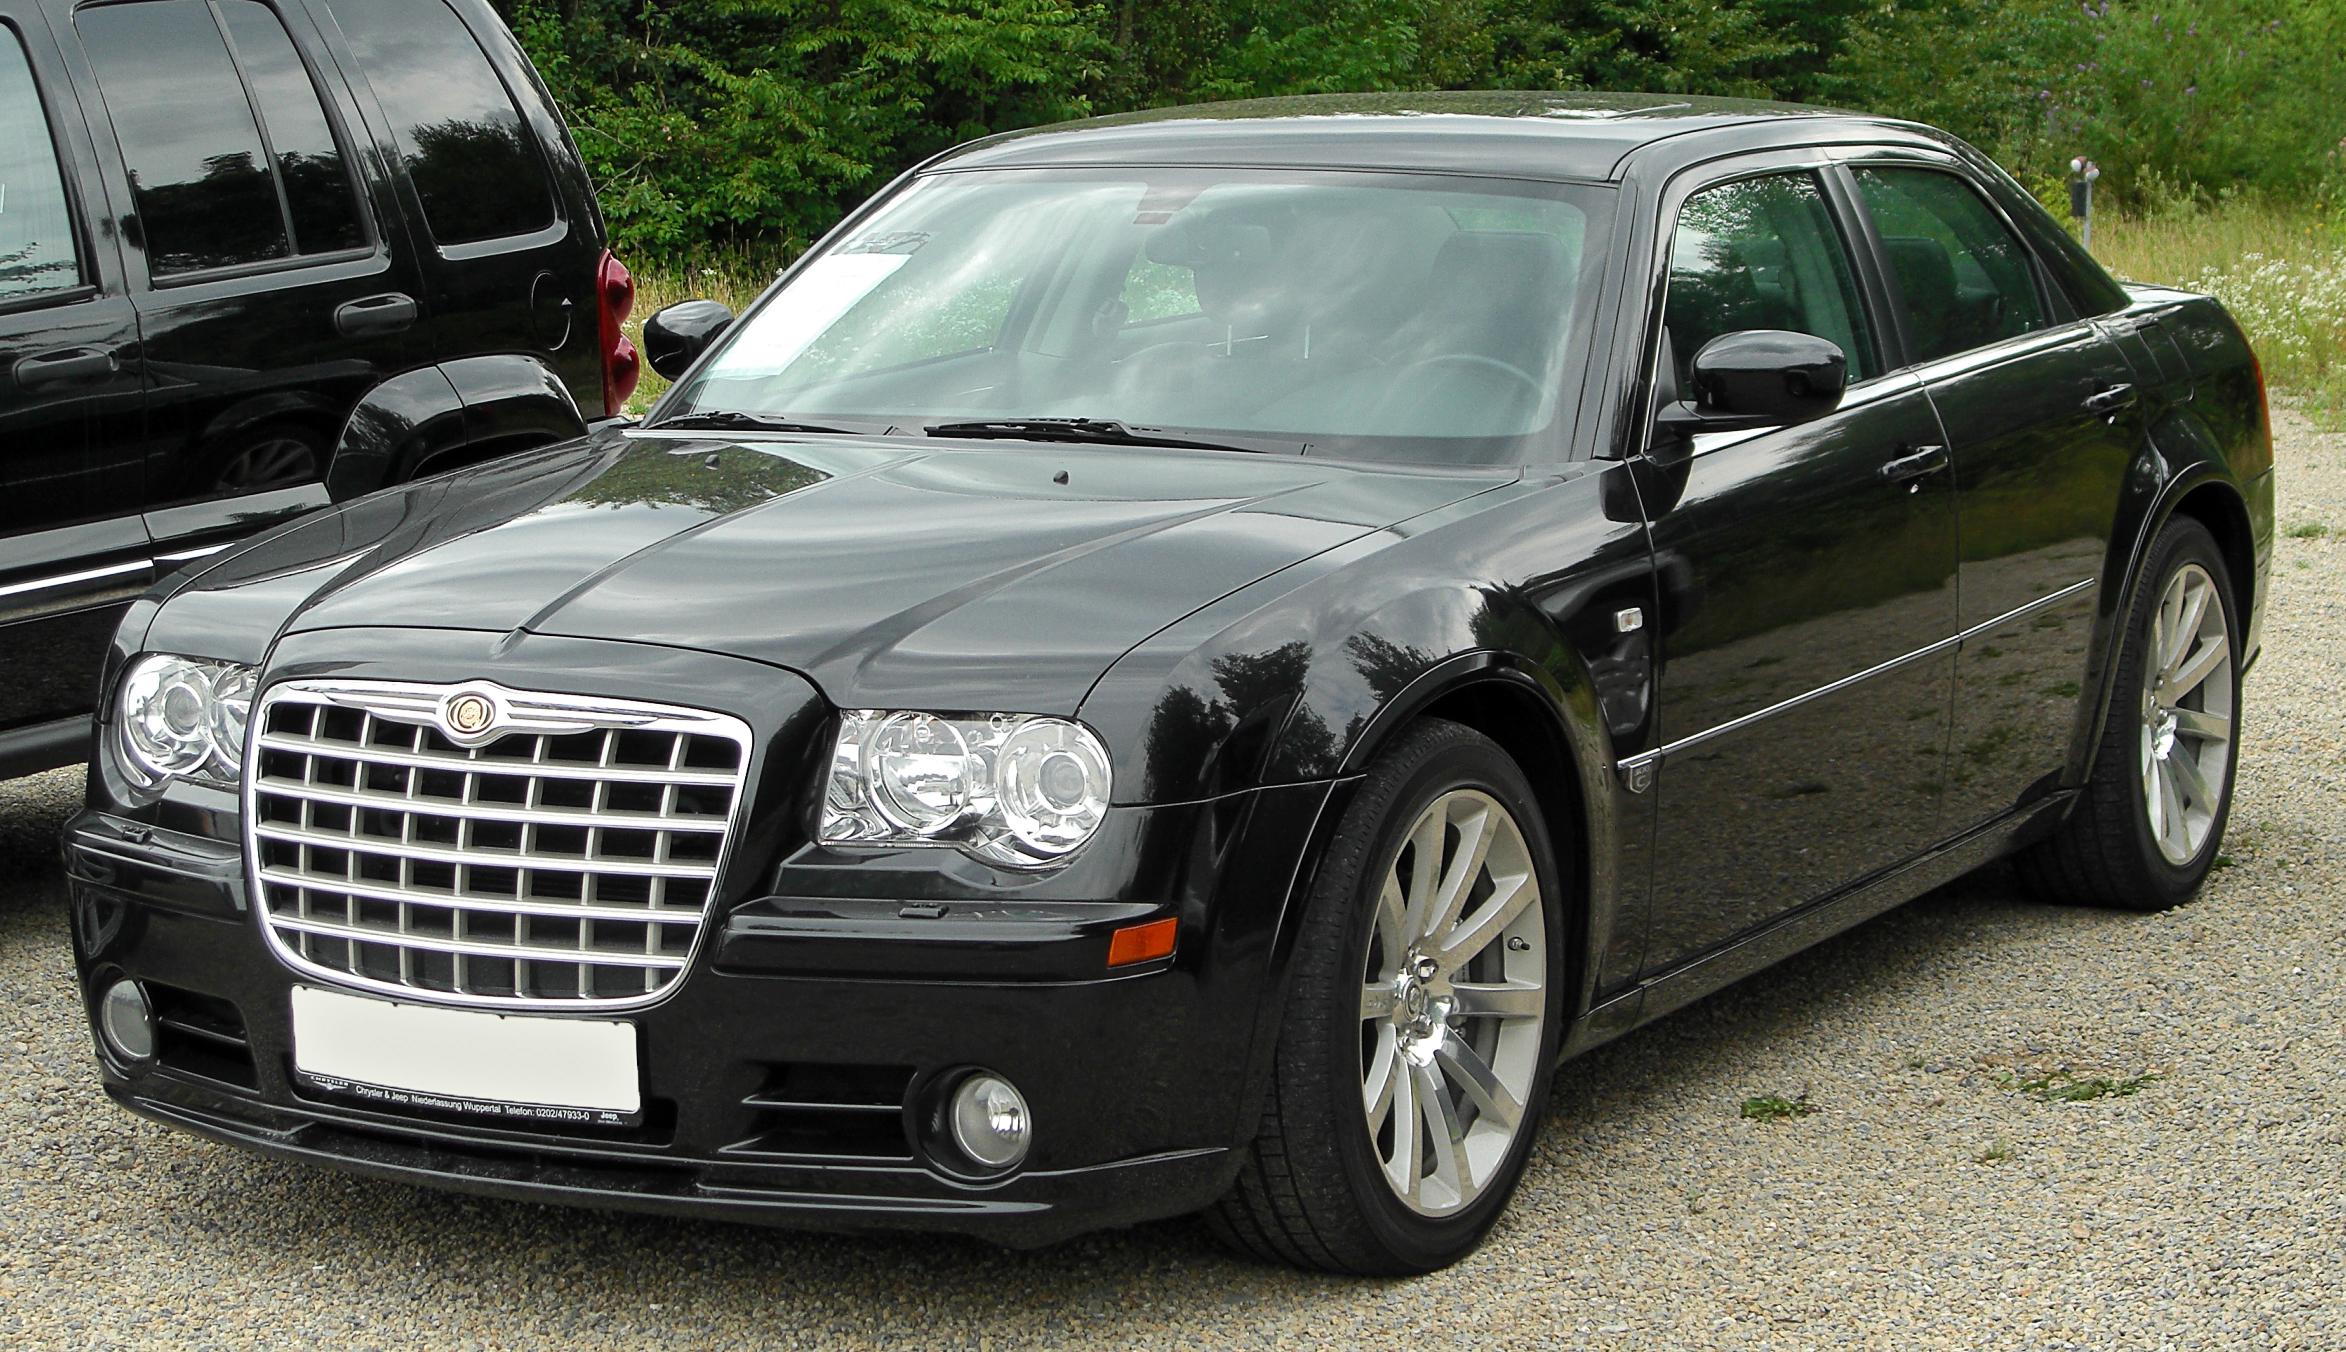 Chrysler 300 Wagon >> Chrysler 300C - interesting news with the best Chrysler 300C pictures on MotorInfo.org